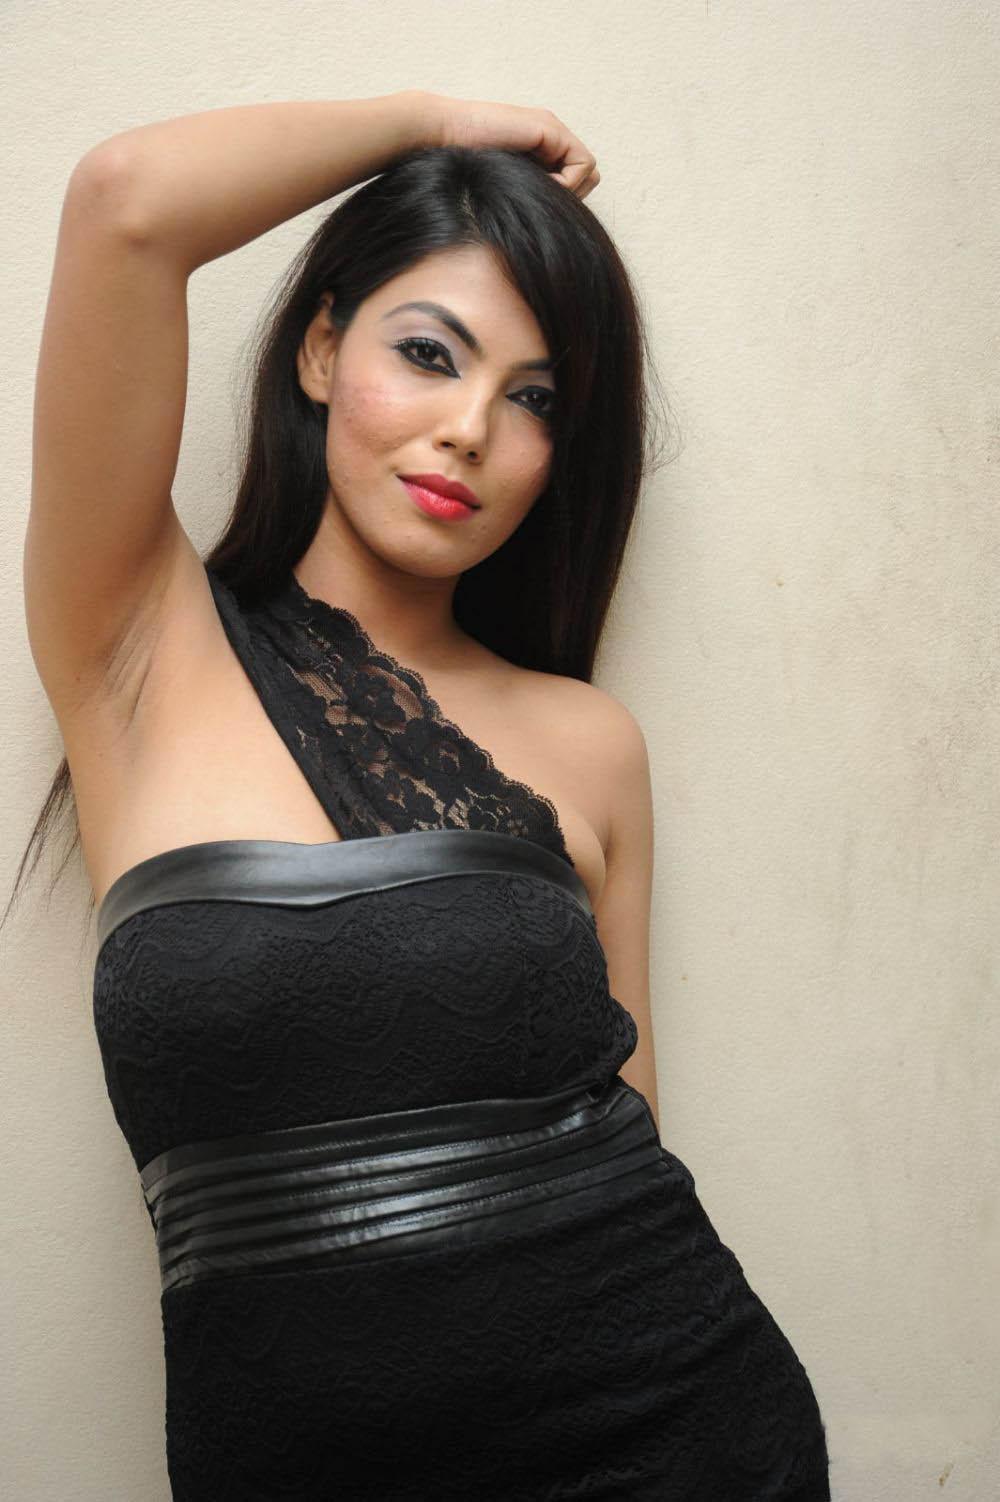 Bangla girl exposing on yahoo 8